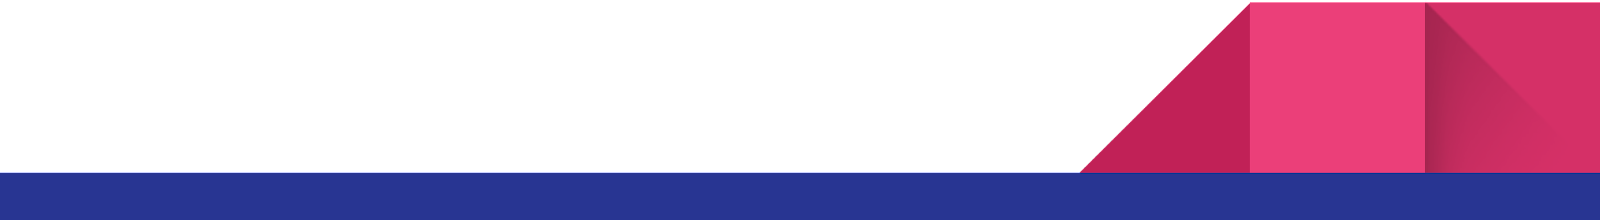 изображение в нижнем колонтитуле